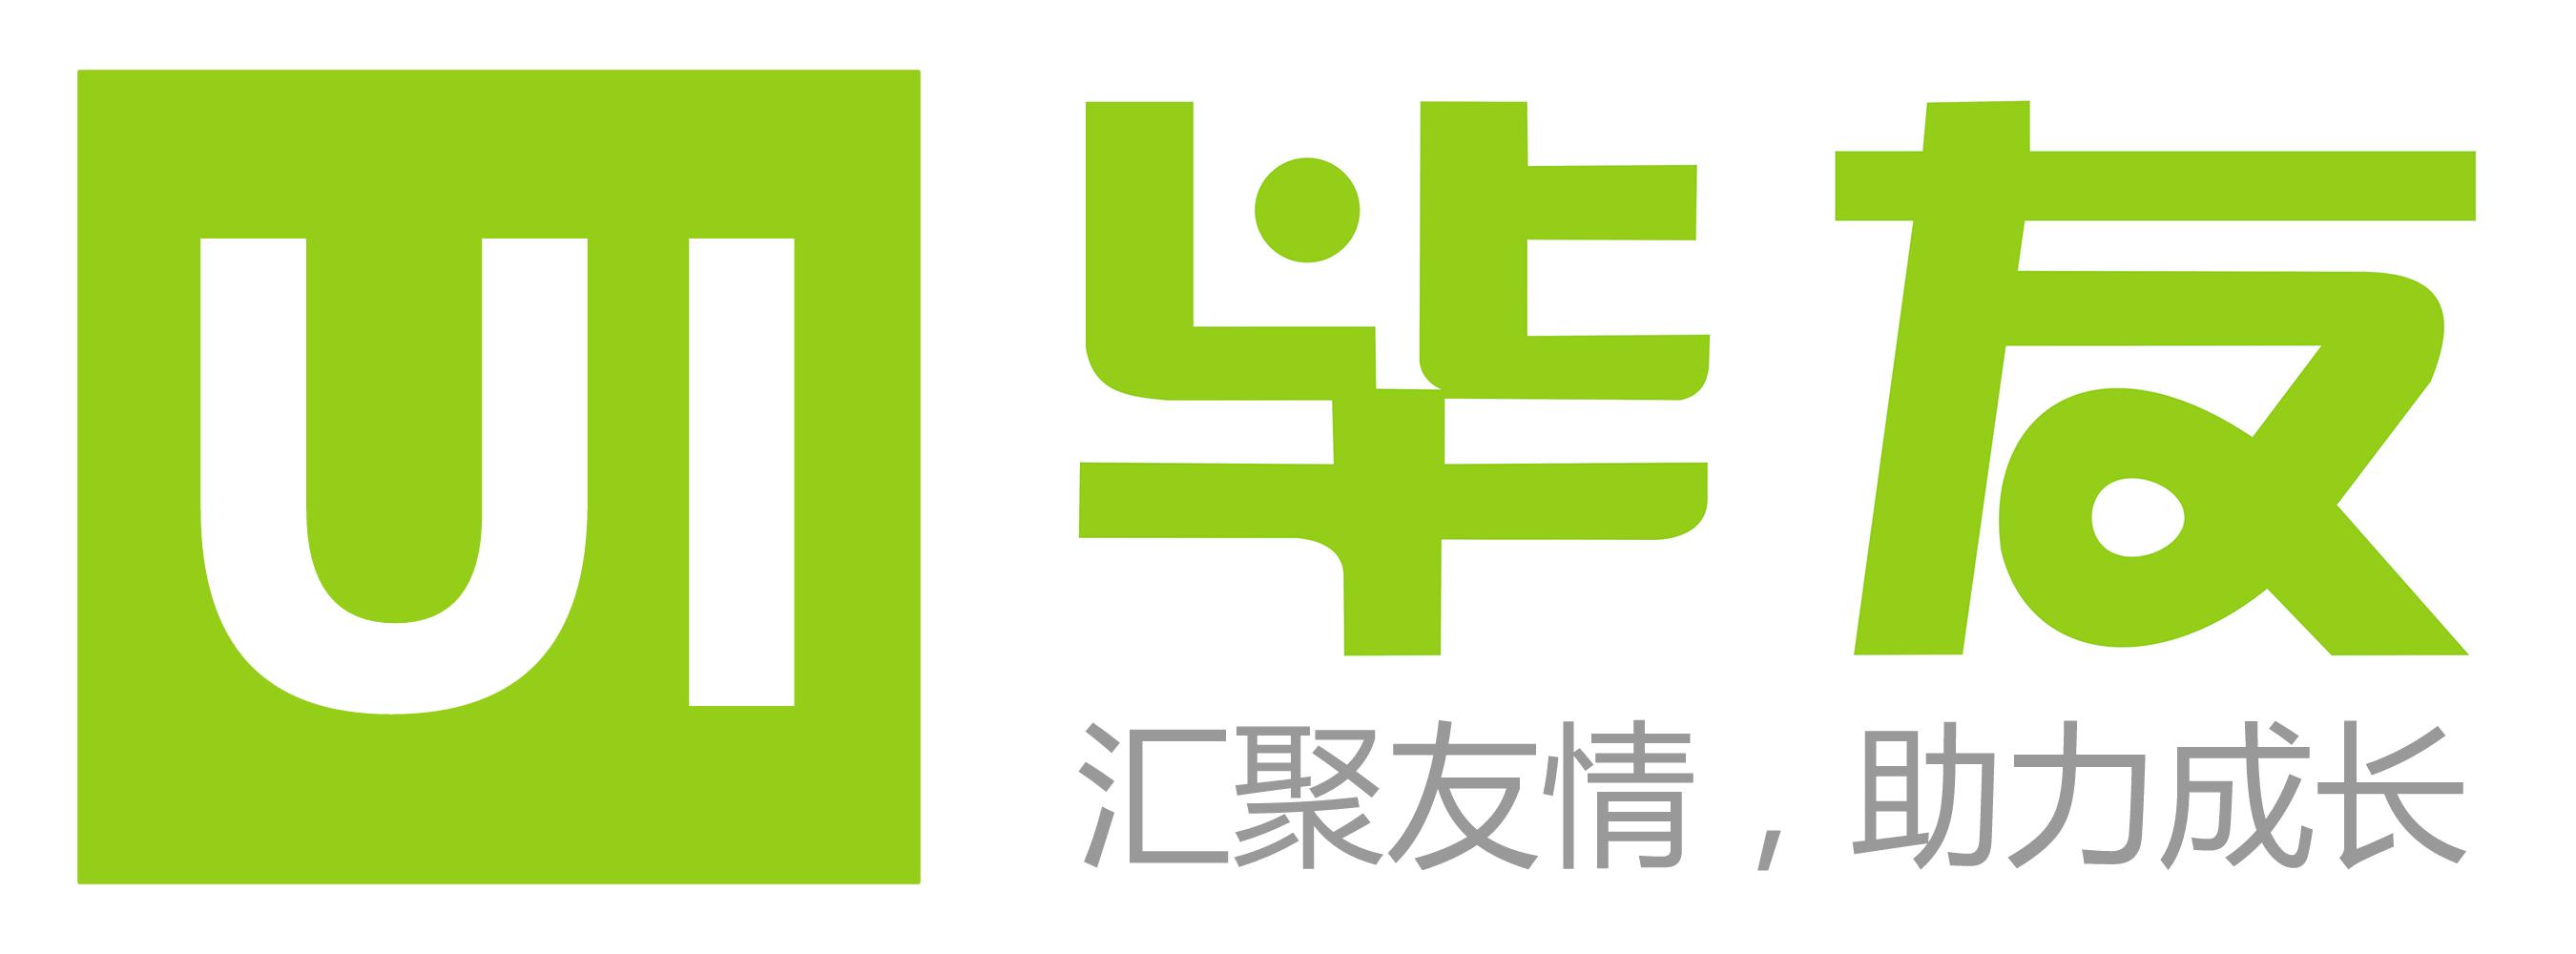 毕友金融沙龙(第2期)——银行个人金融业务交流